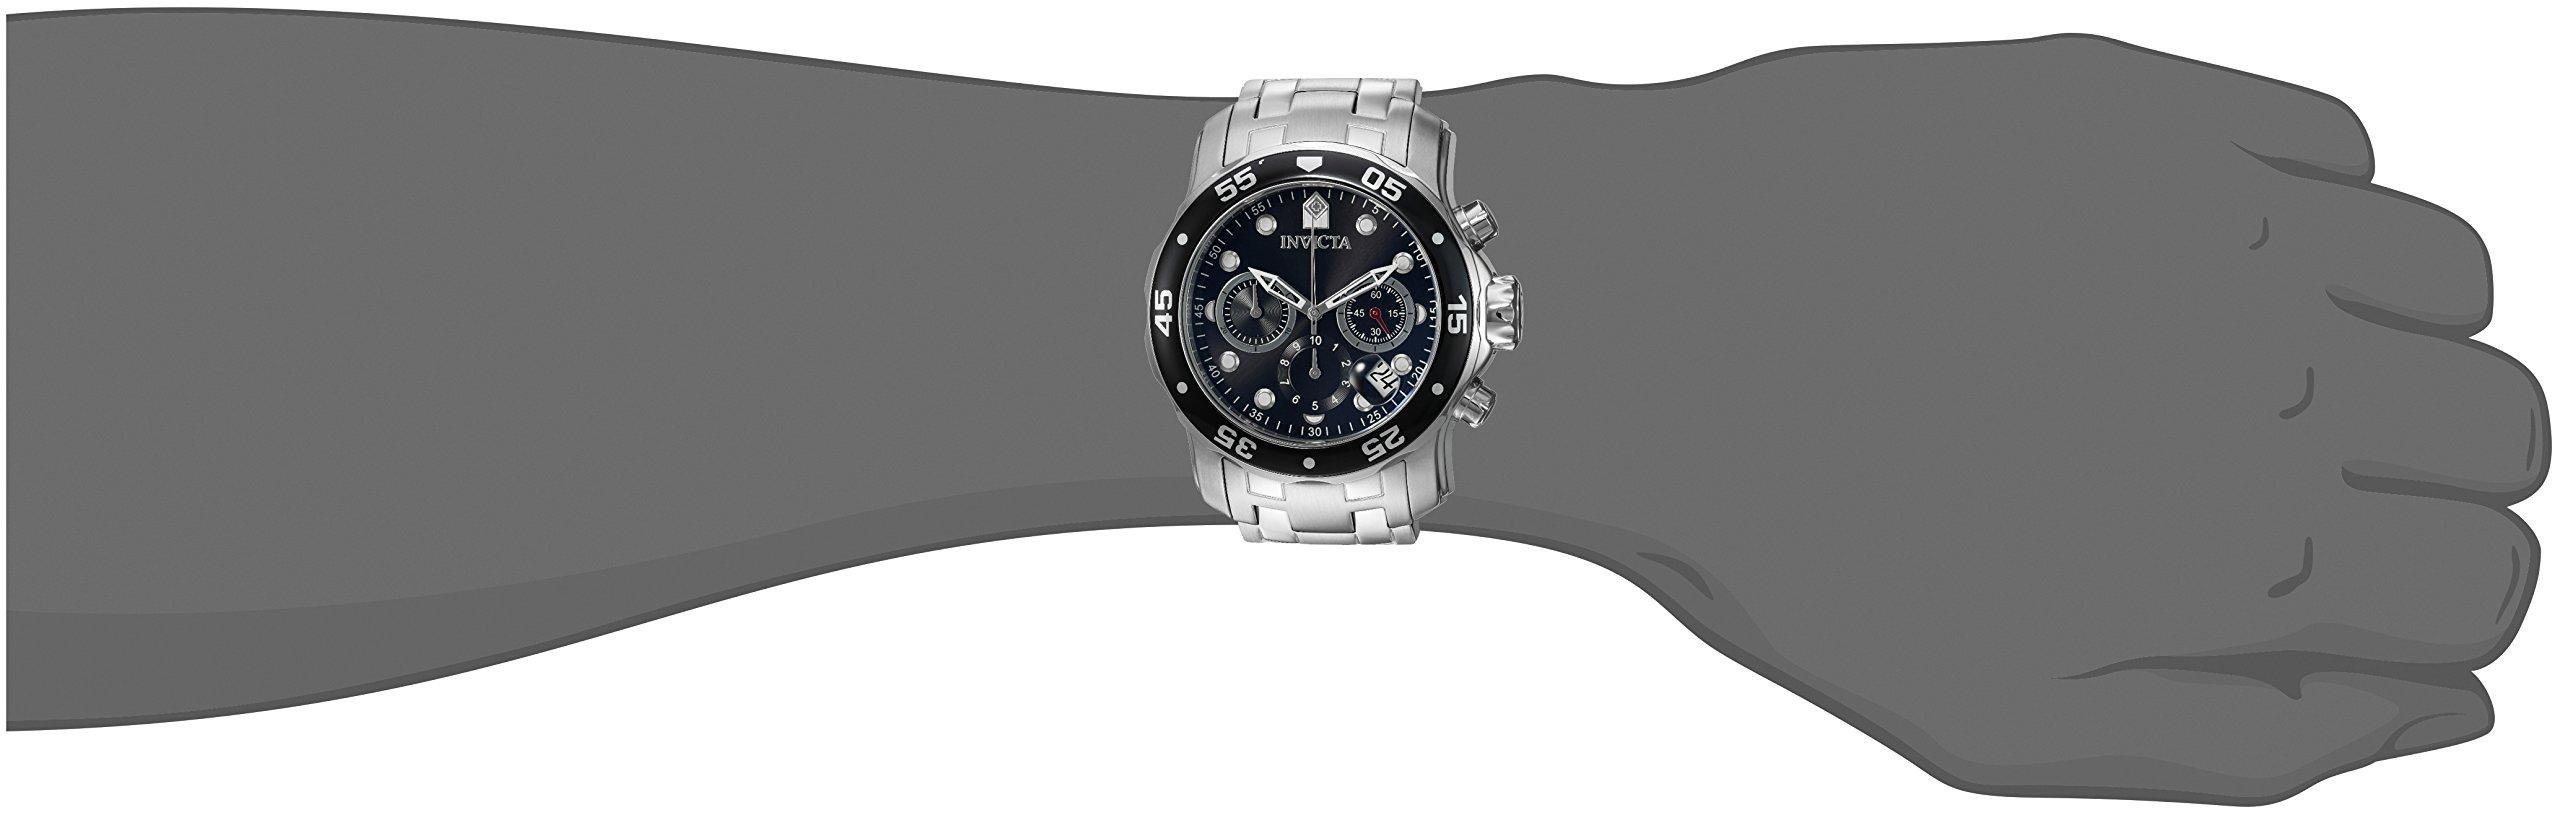 Invicta Pro Diver – Scuba Men's Wrist Watch Stainless Steel Quartz Black Dial – 0069